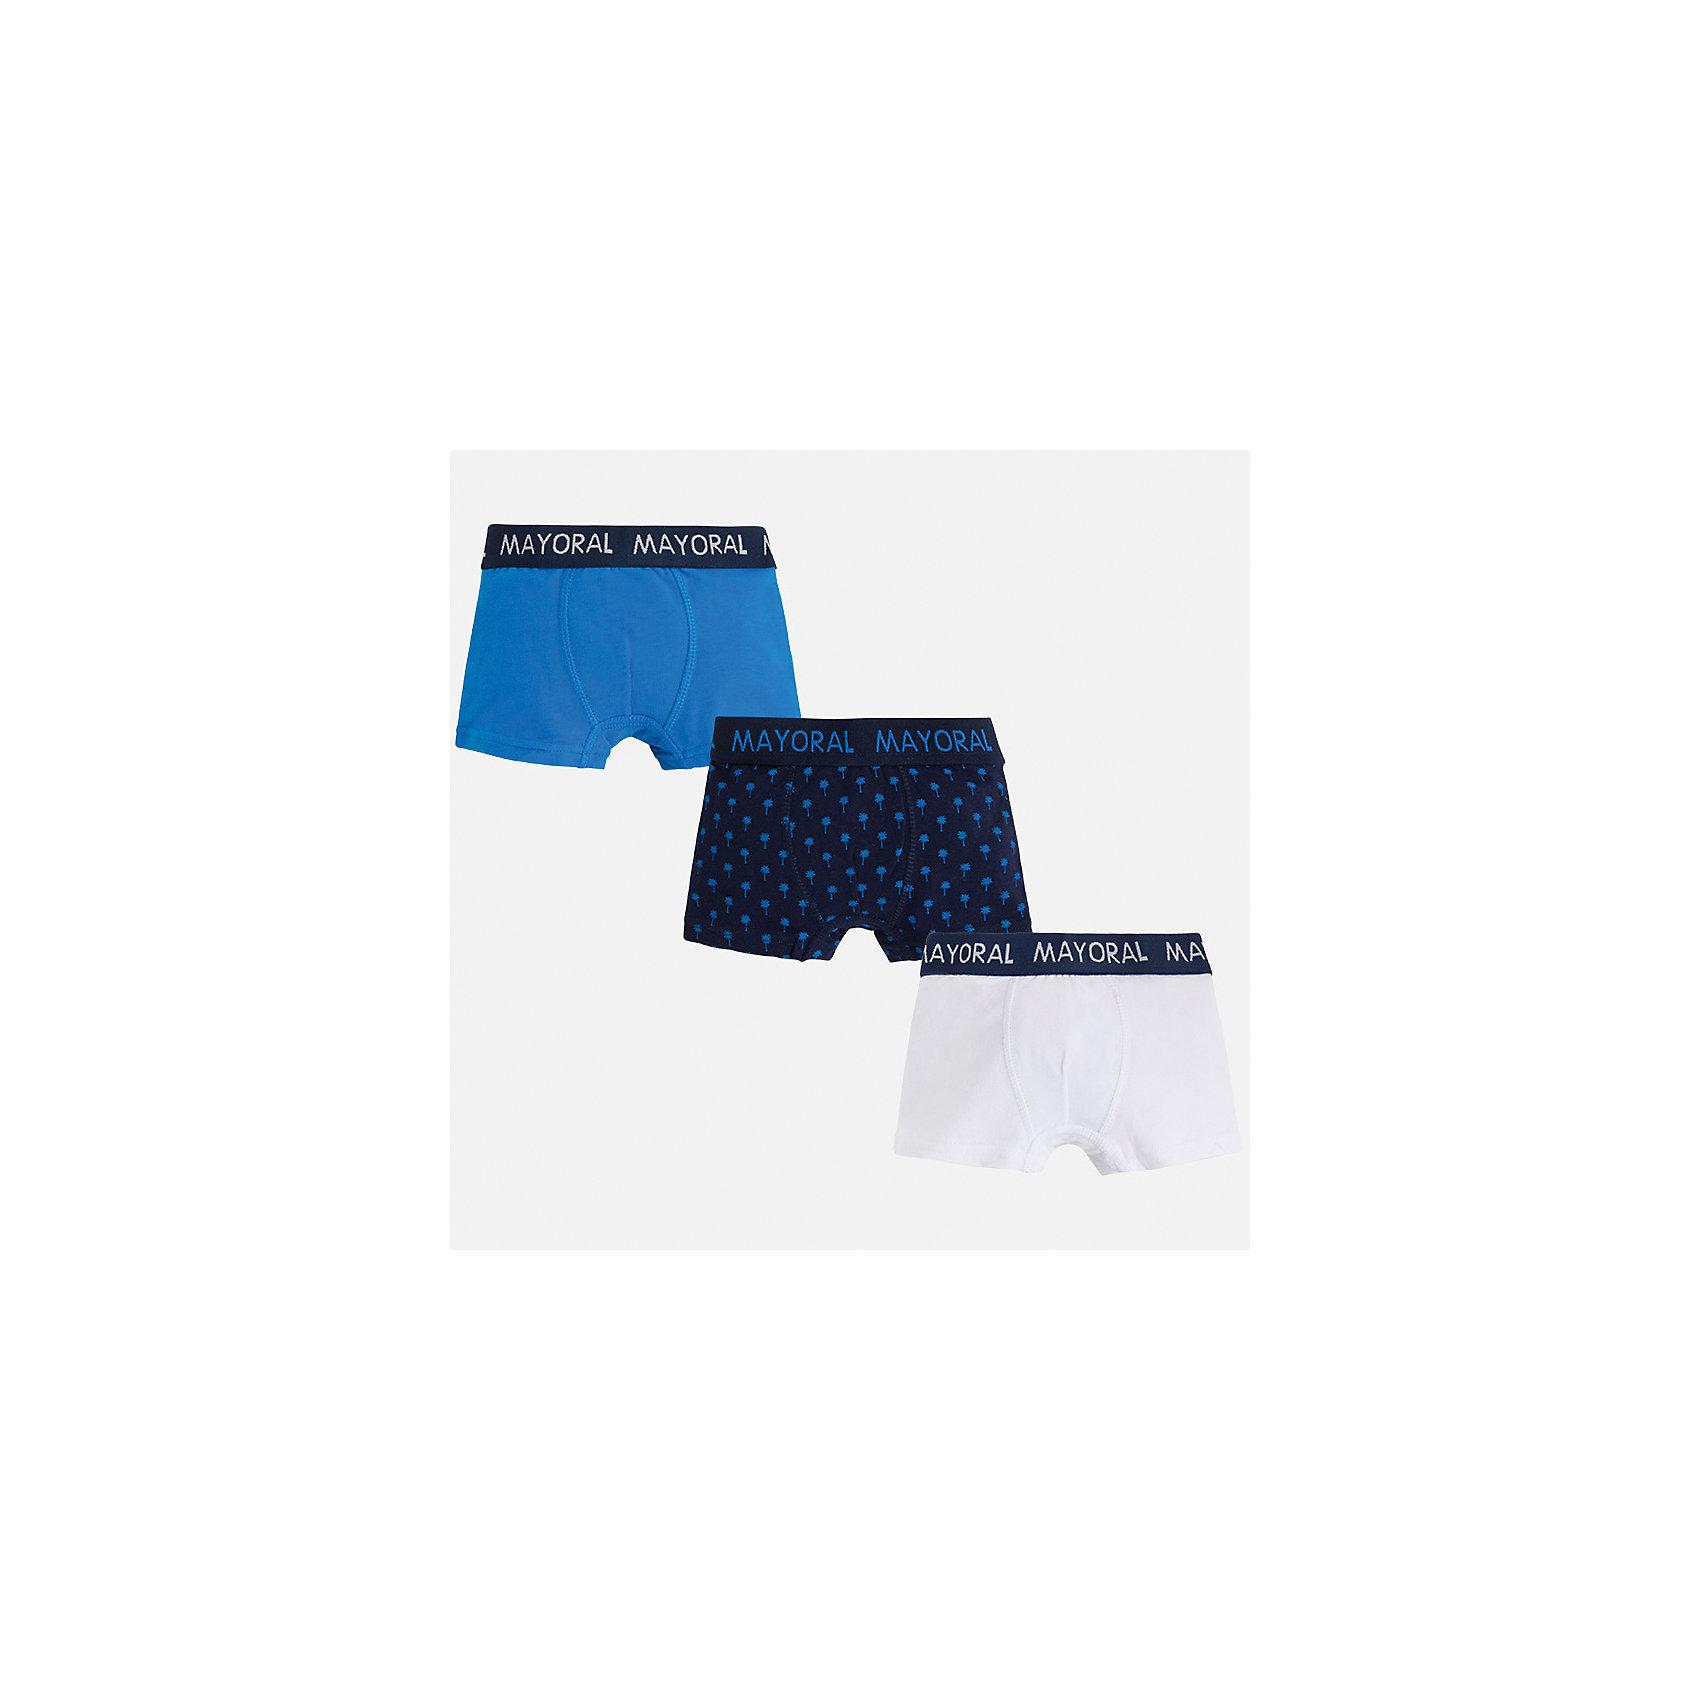 Трусы (3 пары) для мальчика MayoralНижнее бельё<br>Характеристики товара:<br><br>• цвет: голубой/синий/белый<br>• состав: 95% хлопок, 5% эластан<br>• комплектация: 3 шт<br>• мягкая резинка<br>• эластичный материал<br>• комбинированный материал<br>• страна бренда: Испания<br><br>Удобные симпатичные трусы для мальчика помогут обеспечить ребенку комфорт. В составе материала - натуральный хлопок, гипоаллергенный, приятный на ощупь, дышащий. На поясе - мягкая широкая резинка, которая не давит на живот и не натирает.<br><br>Трусы (3 пары) для мальчика от испанского бренда Mayoral (Майорал) можно купить в нашем интернет-магазине.<br><br>Ширина мм: 196<br>Глубина мм: 10<br>Высота мм: 154<br>Вес г: 152<br>Цвет: синий<br>Возраст от месяцев: 18<br>Возраст до месяцев: 24<br>Пол: Мужской<br>Возраст: Детский<br>Размер: 92,164,104,140,152,116,128,158<br>SKU: 5294325